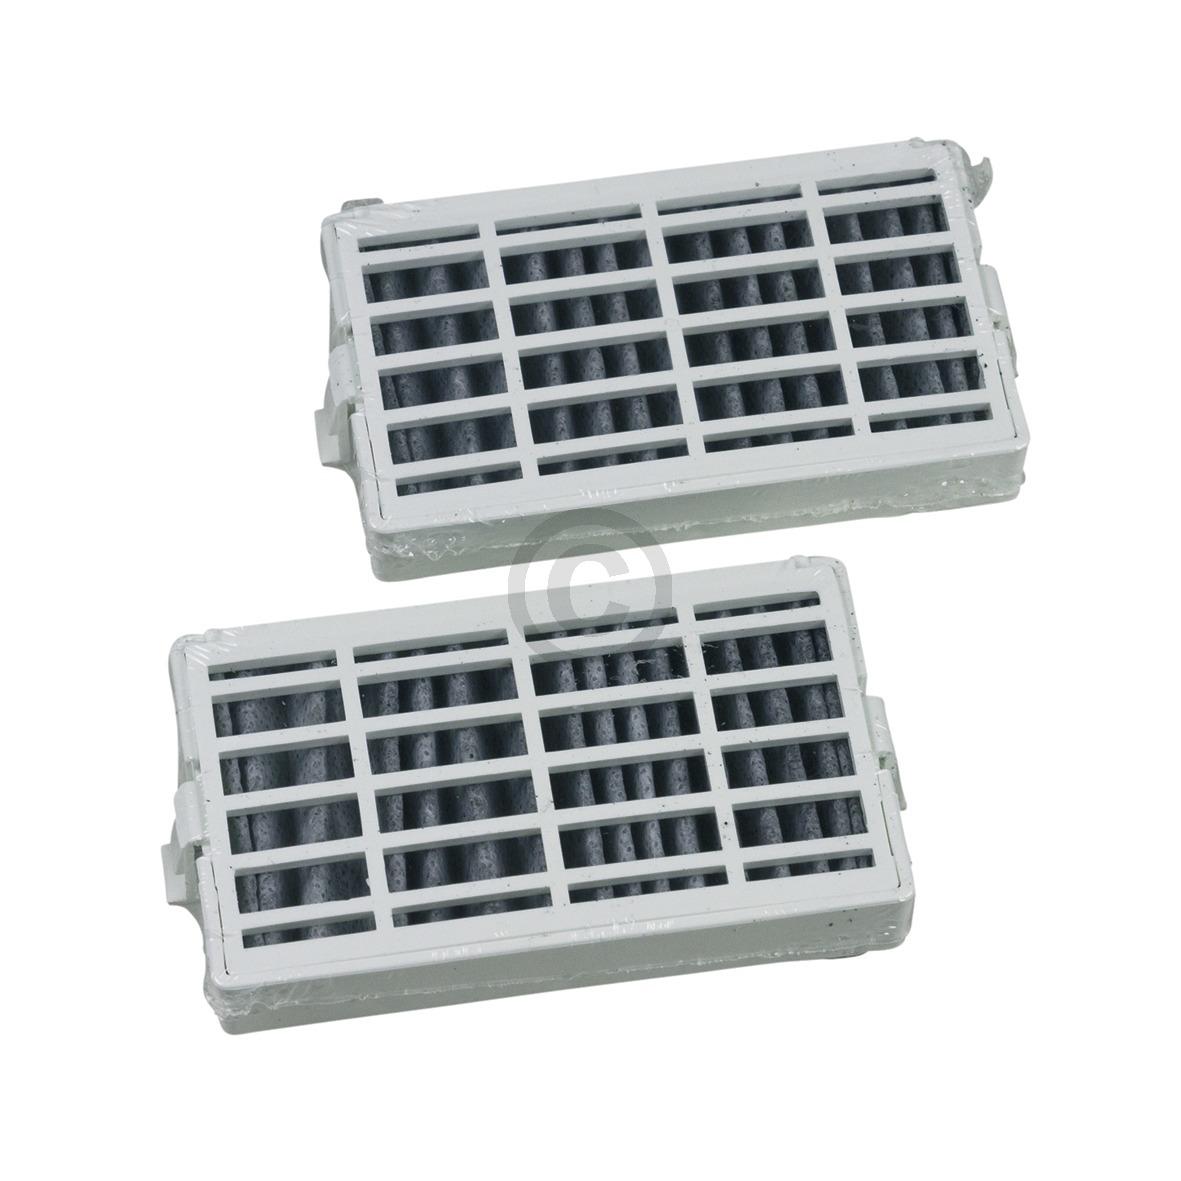 Luftfilter Hygienefilter Whirlpool 481248048172 ANTF-MIC ANT001 Alternative für